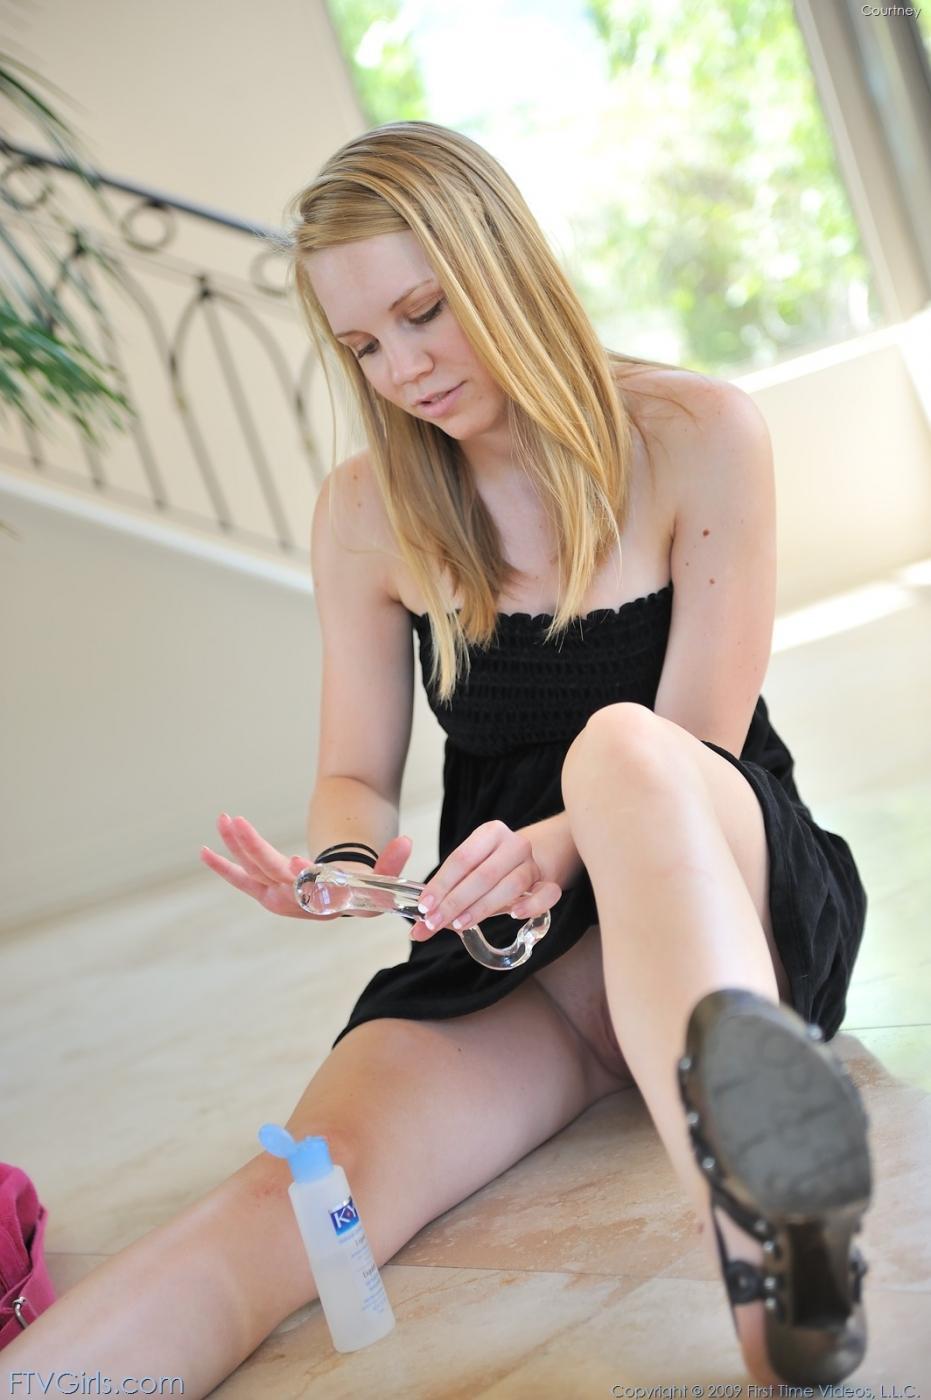 Бледная, натуральная блондинка Taylor True трахает самотыком свою попку и киску